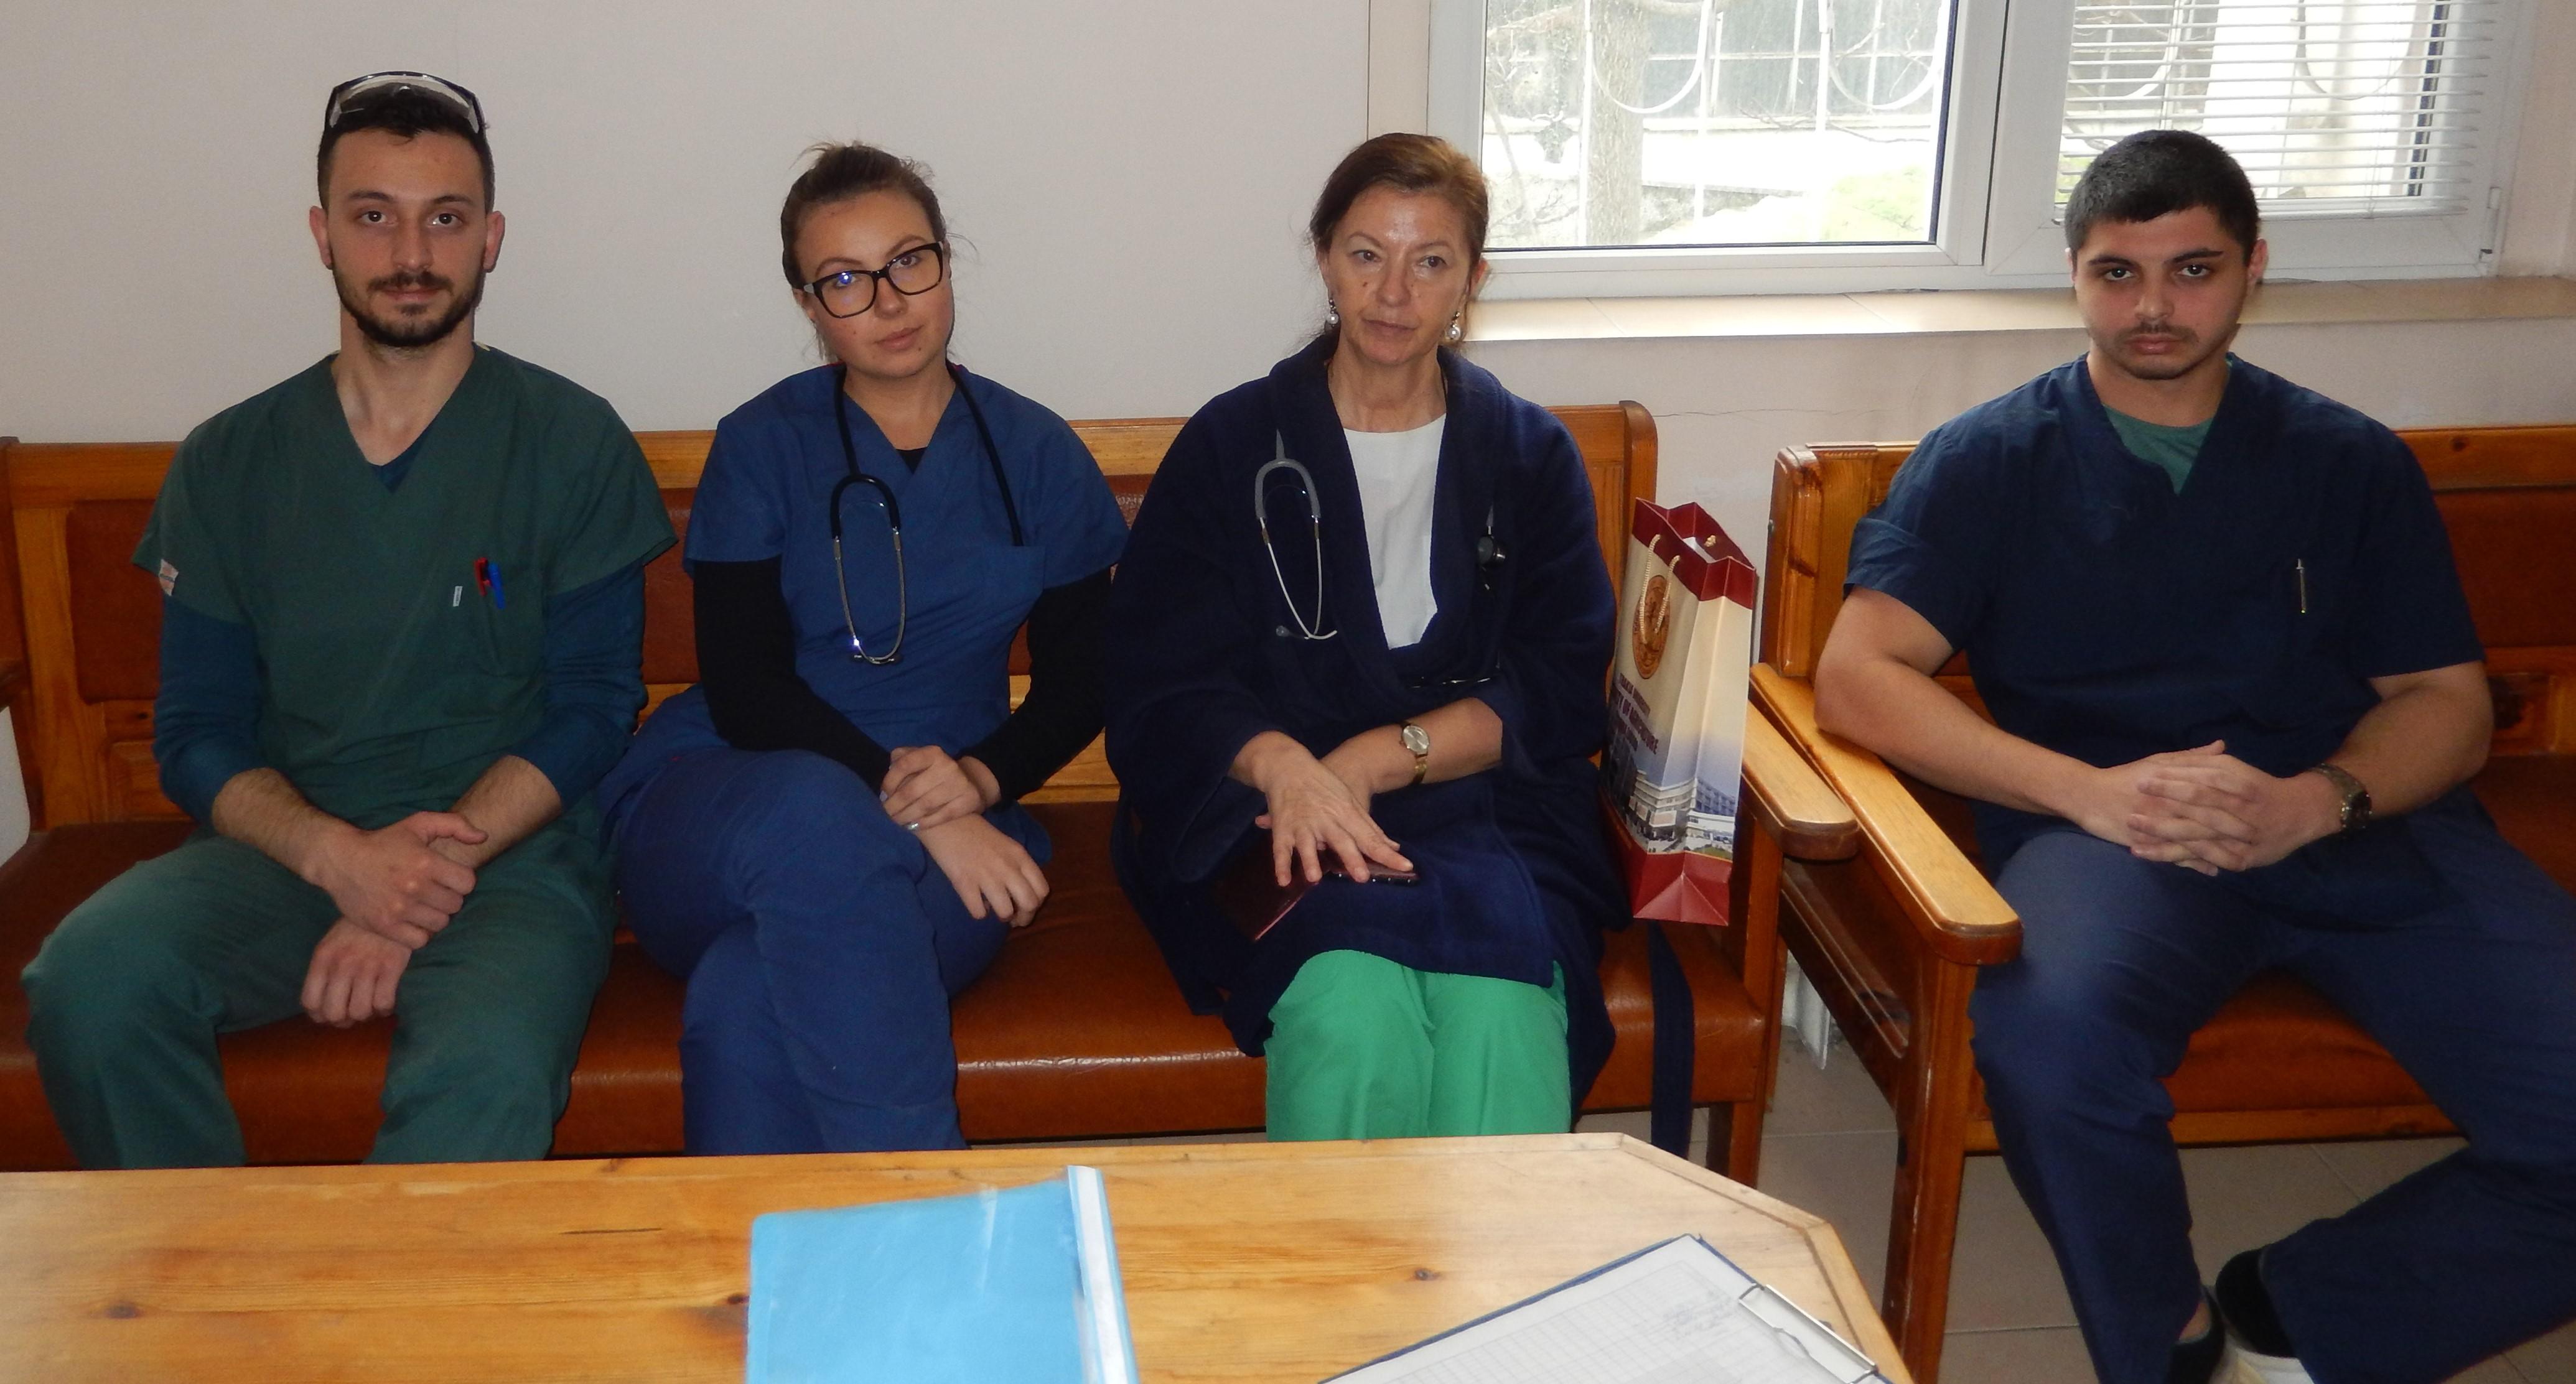 26 студенти-медици от Тракийски университет са в готовност да се включат в борбата с COVID-19, а трима вече са на първа линия